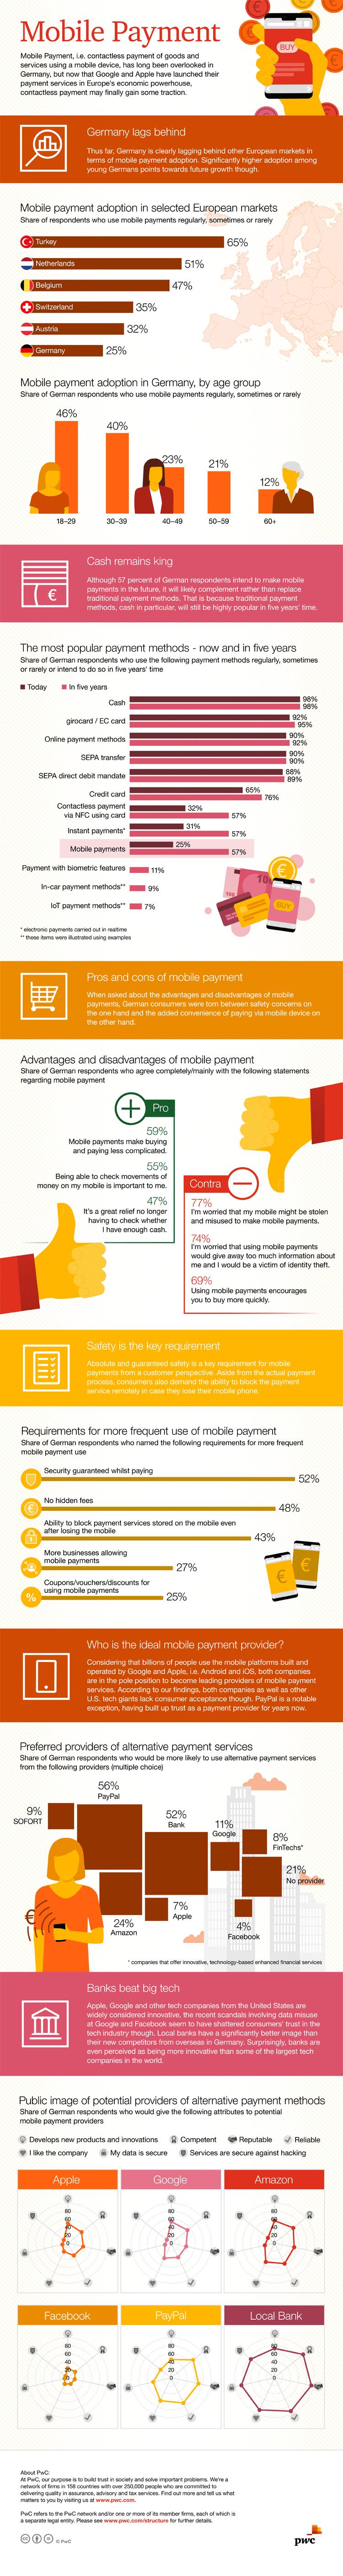 Verbrauchersicht und Trends zu Mobile Payment